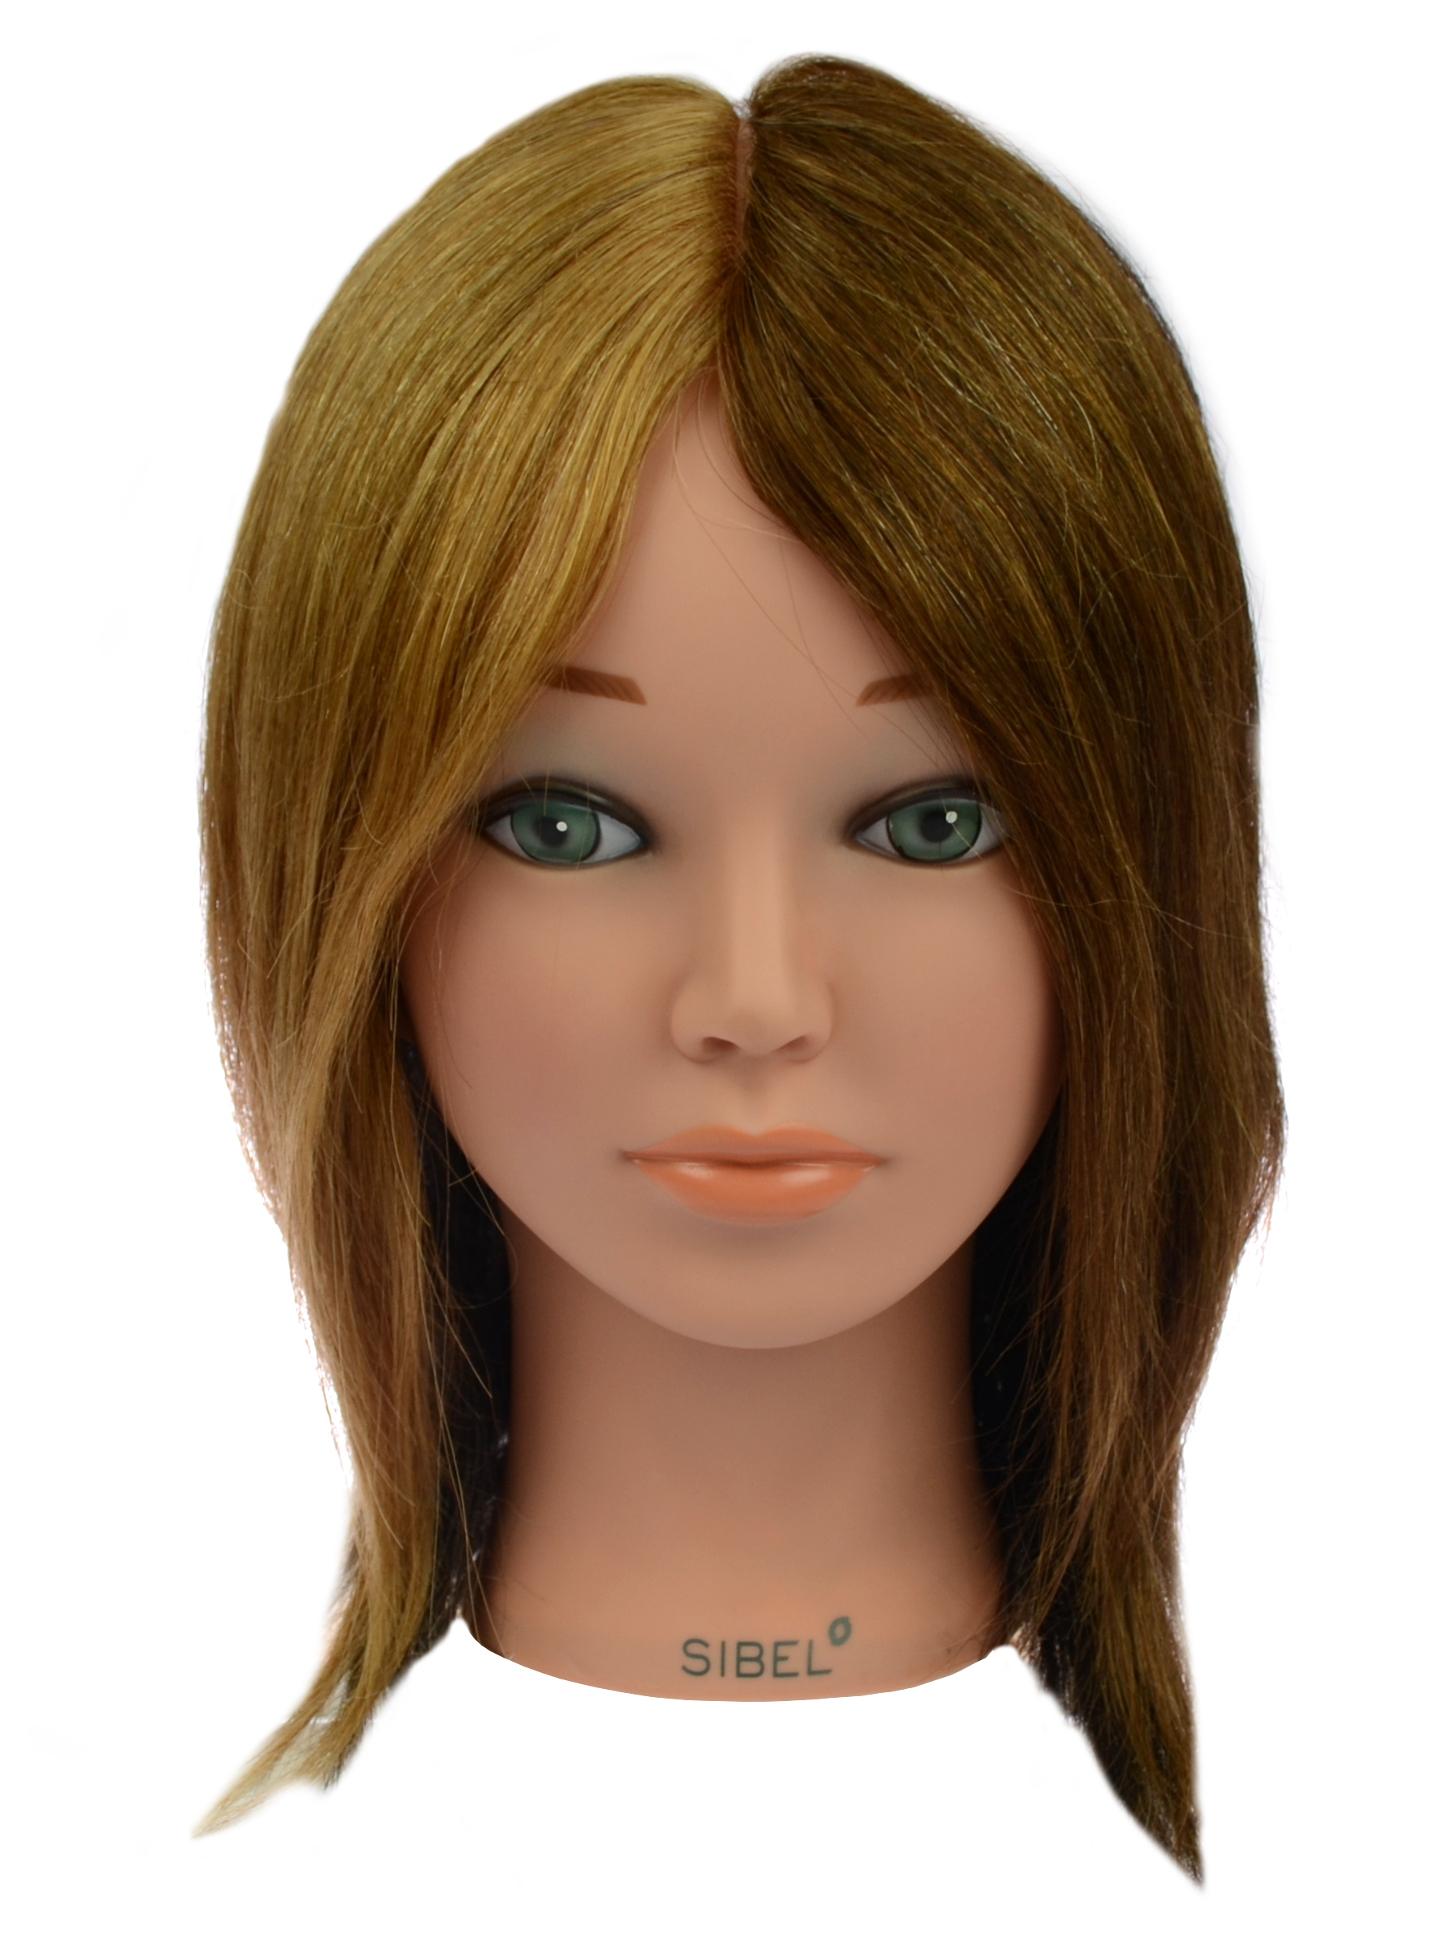 Cvičná hlava dámská s přírodními vlasy 4 Colors, Sibel - 15 - 25 cm (0040441) + DÁREK ZDARMA